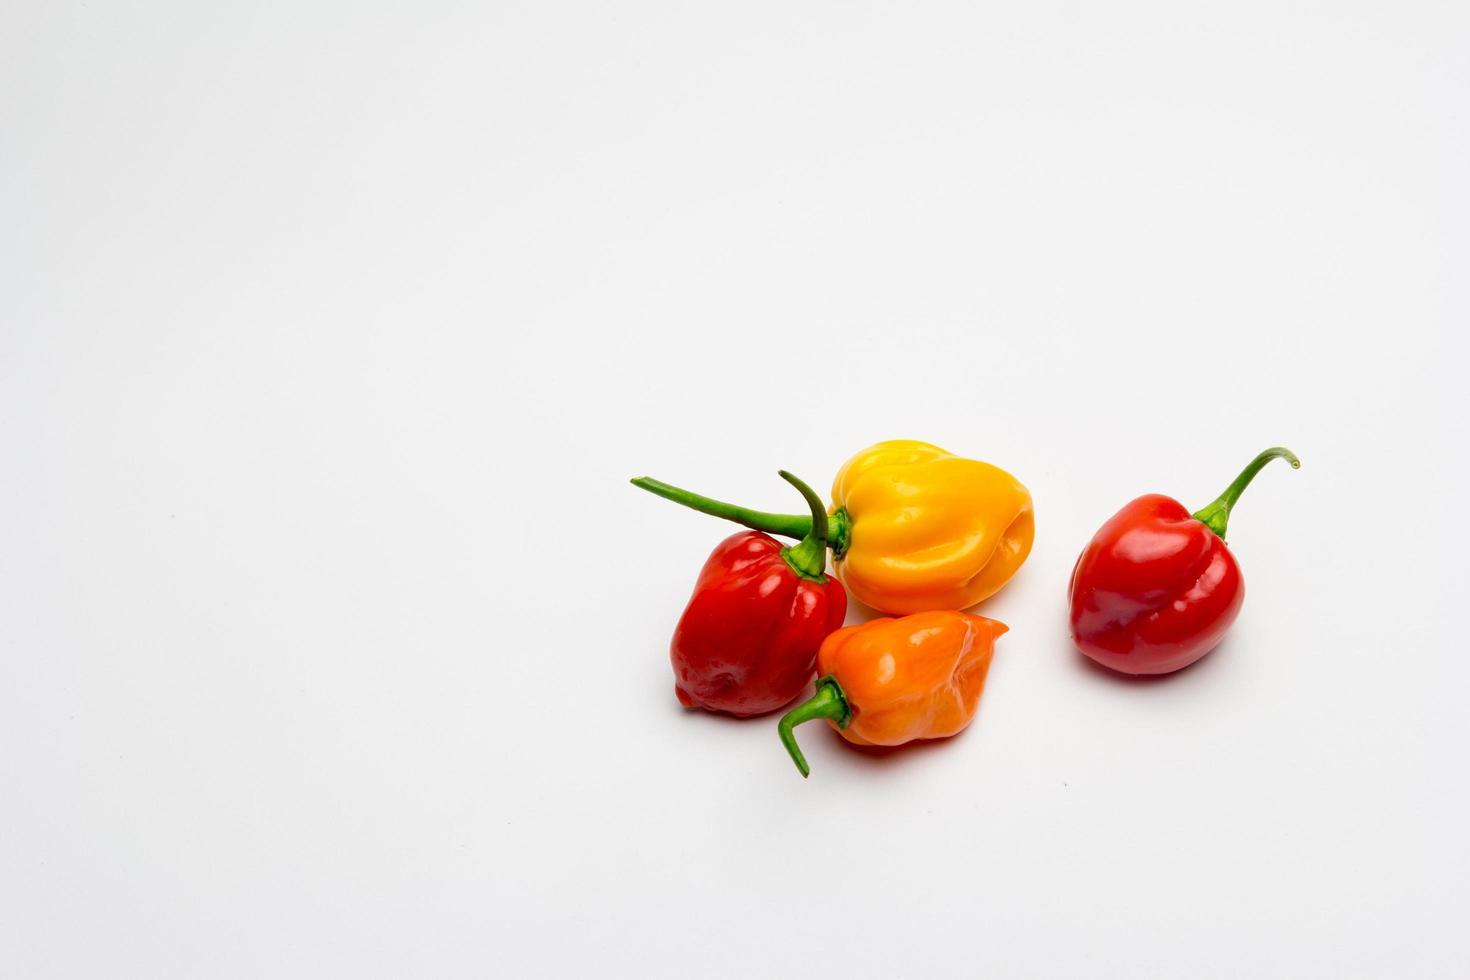 kleurrijke paprika's op witte achtergrond foto